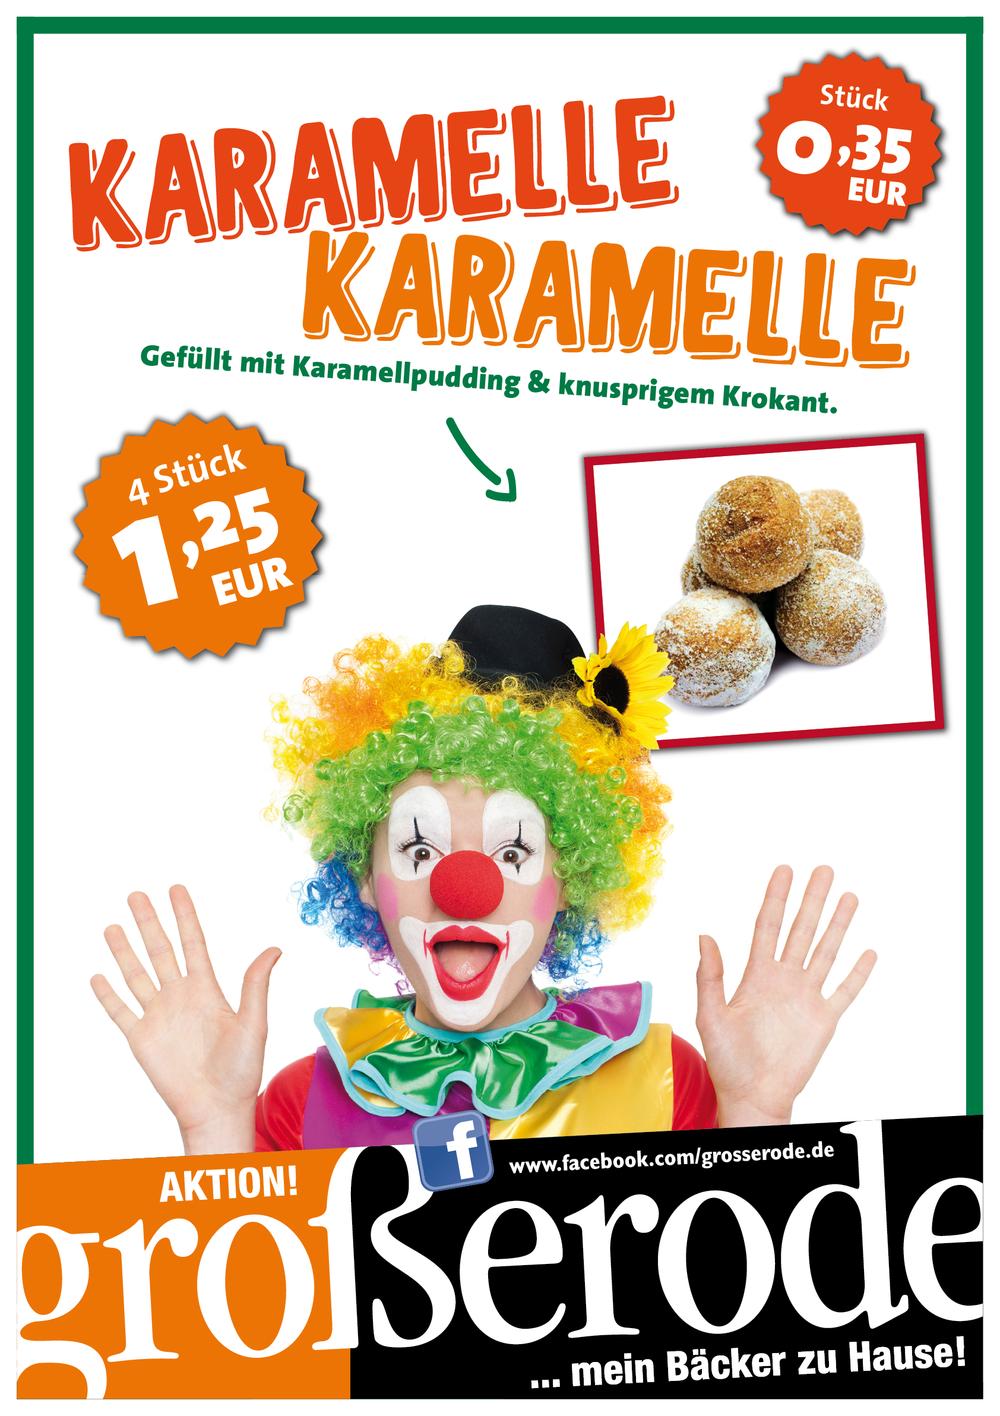 20160104_Grosserode_Fasching_Karamelle_Web.png